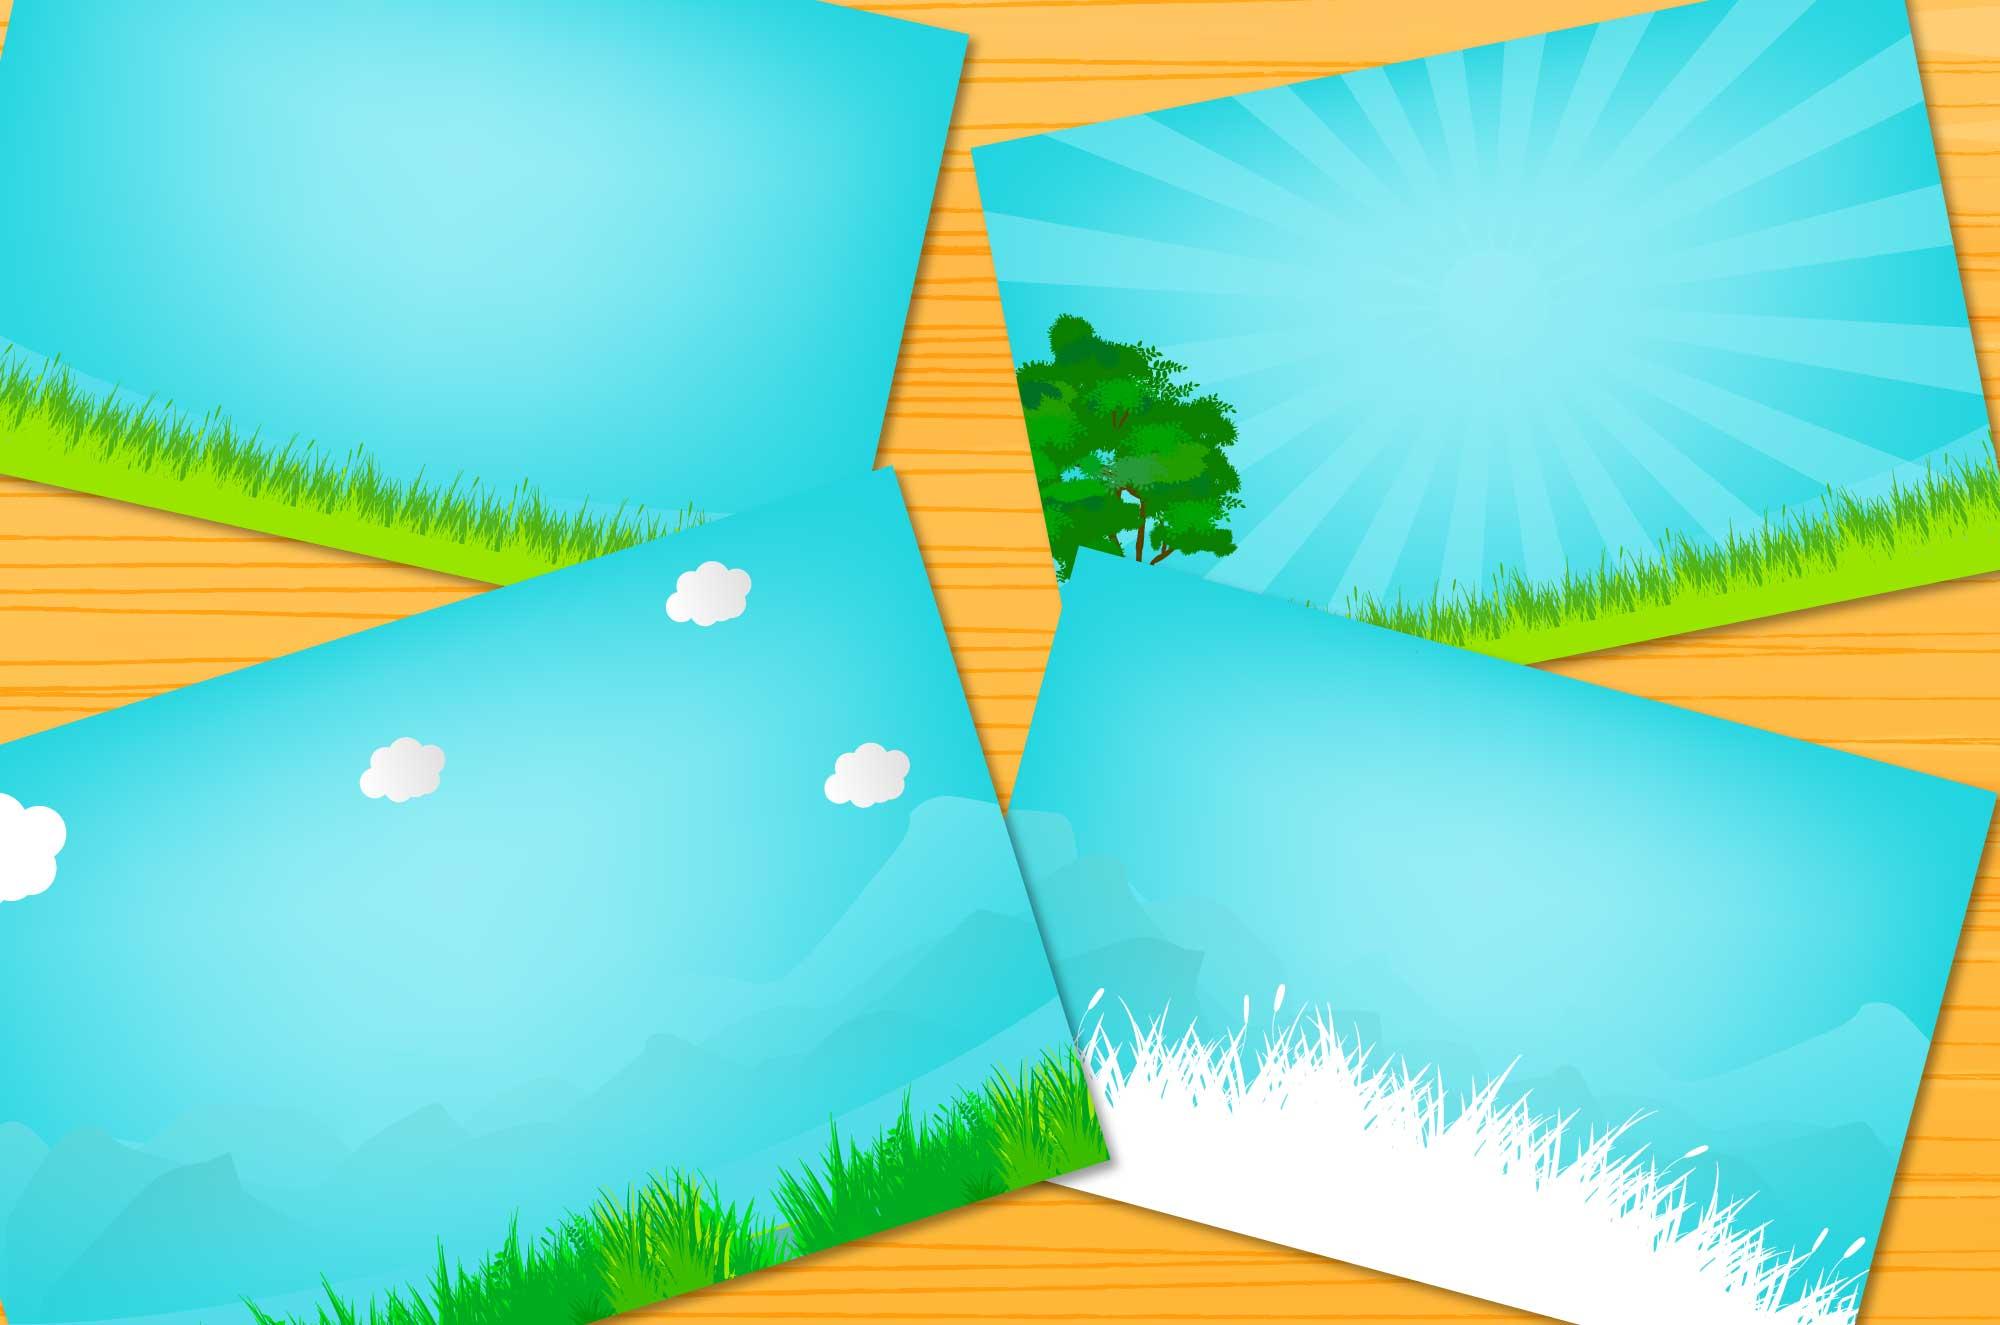 新緑の原っぱと青空の風景イラスト - 背景フリー素材